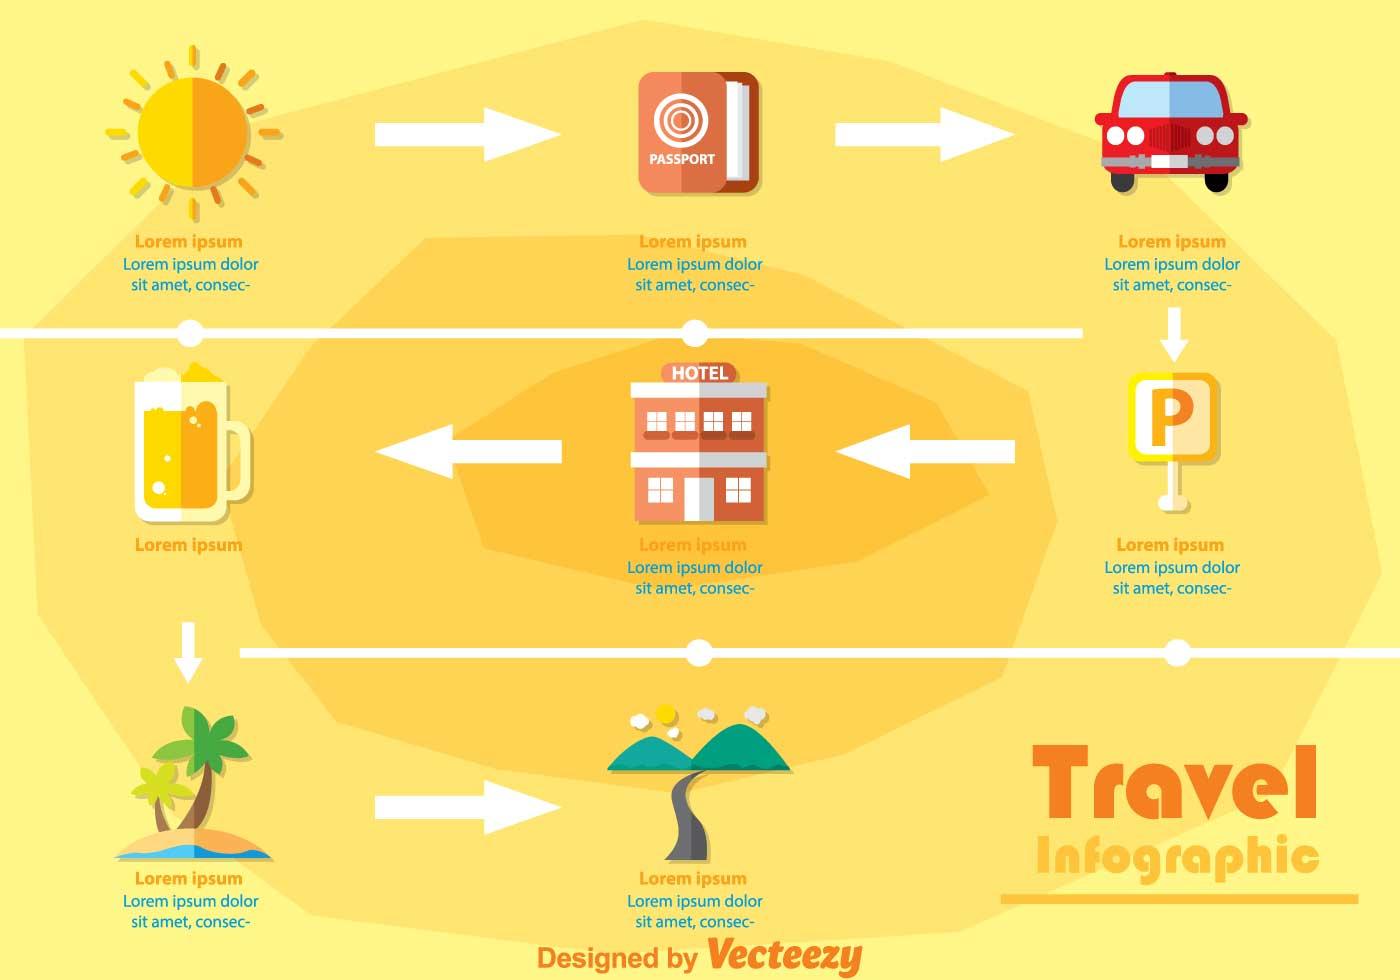 Travel Infography Vectors Download Free Vector Art